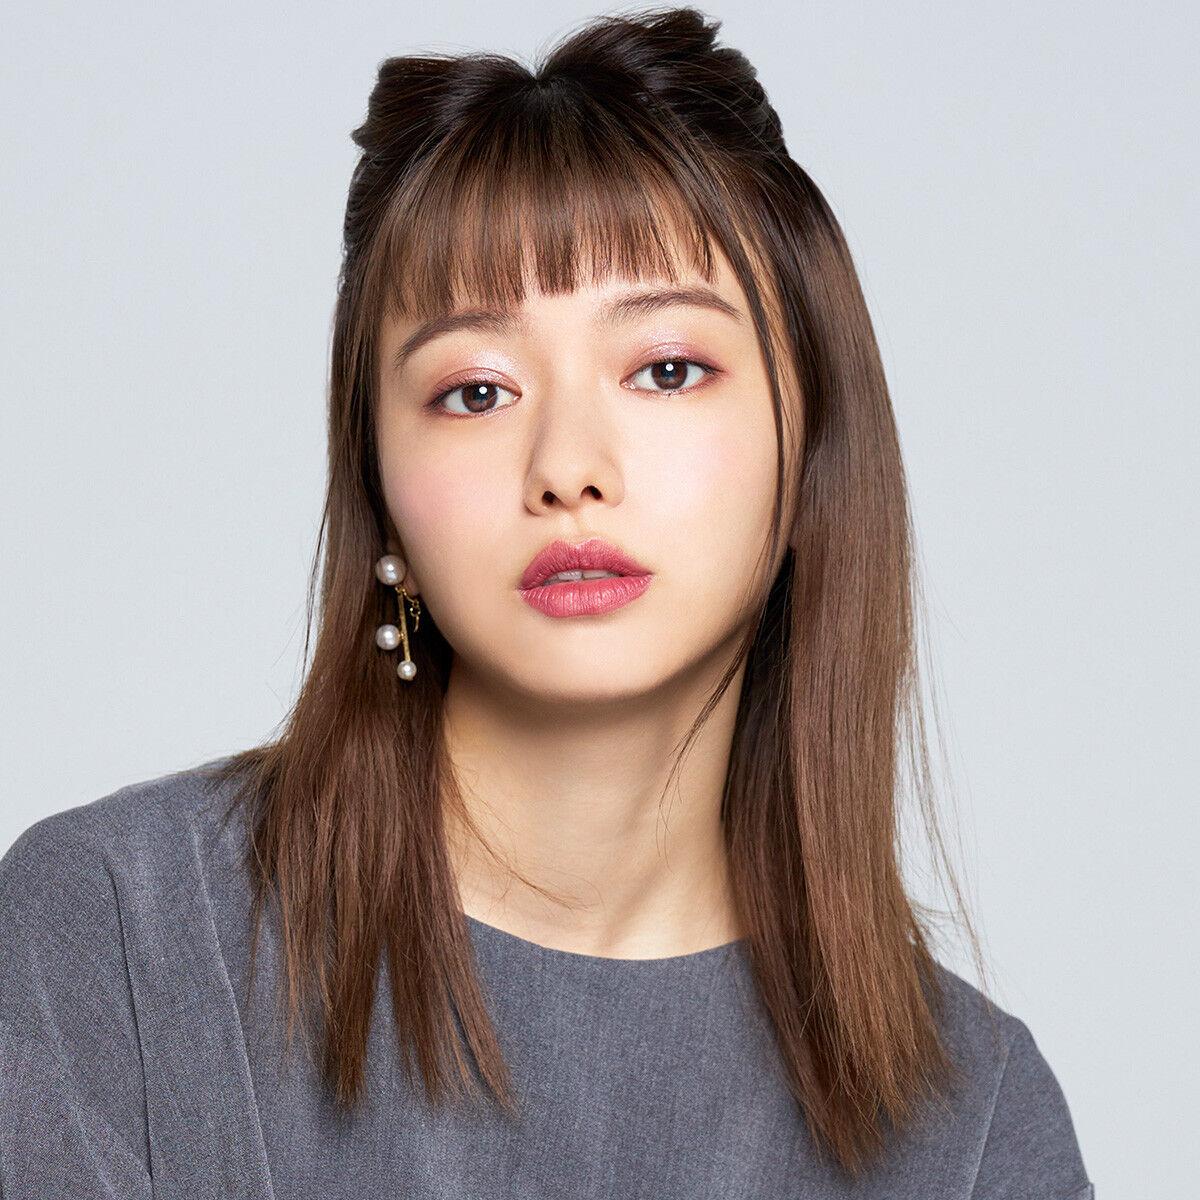 人 顔 で 世界 100 美しい 最も 人 日本